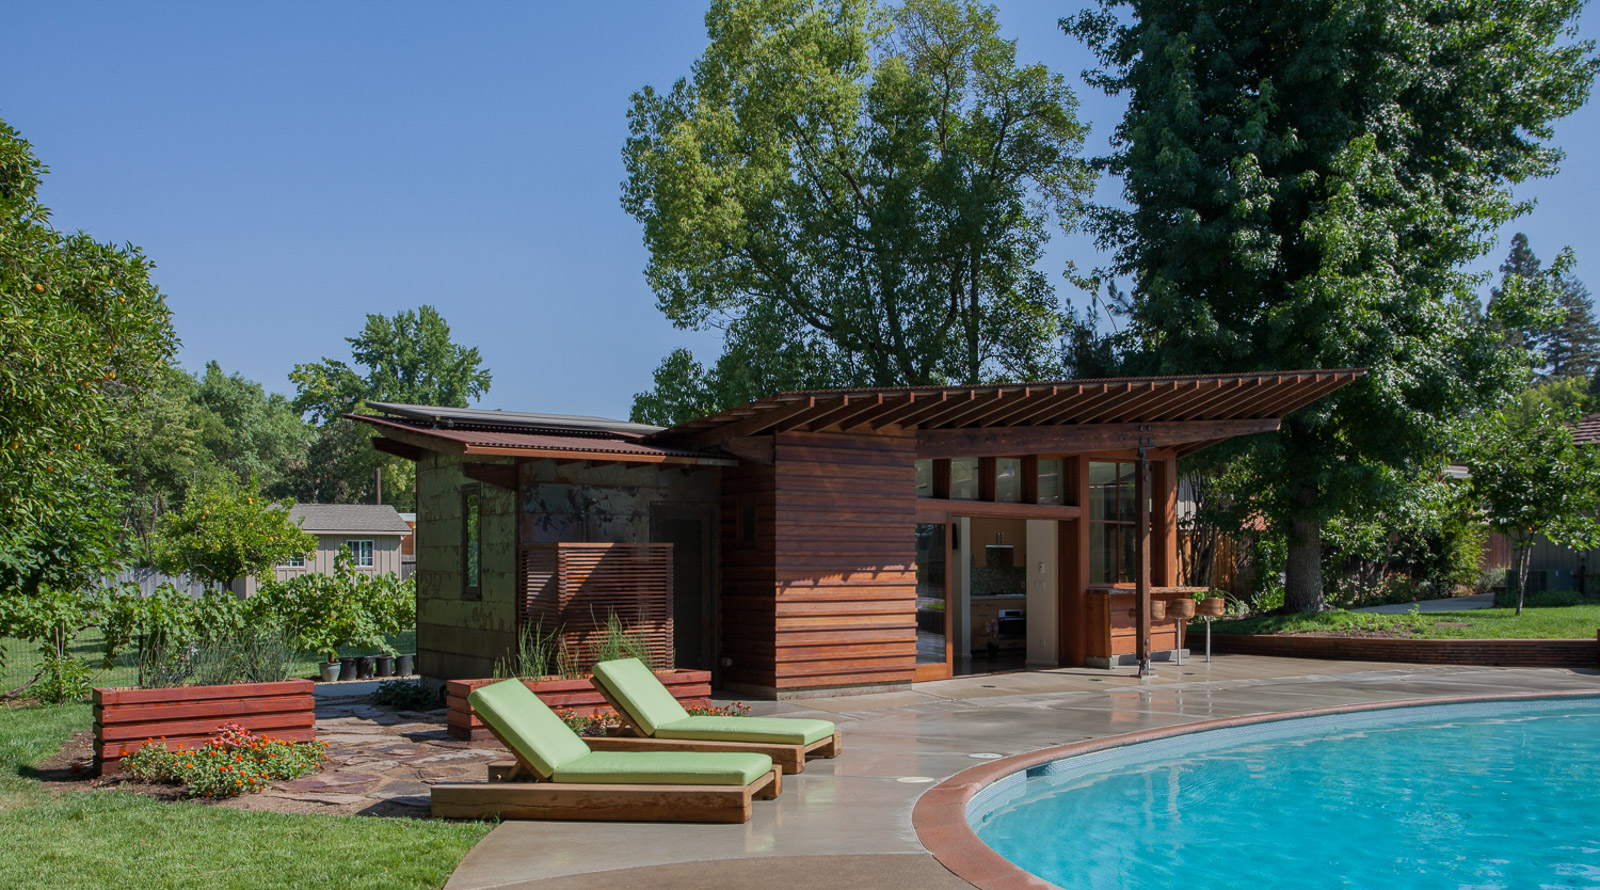 7-14_MHA_PoolHouse2-171.jpg